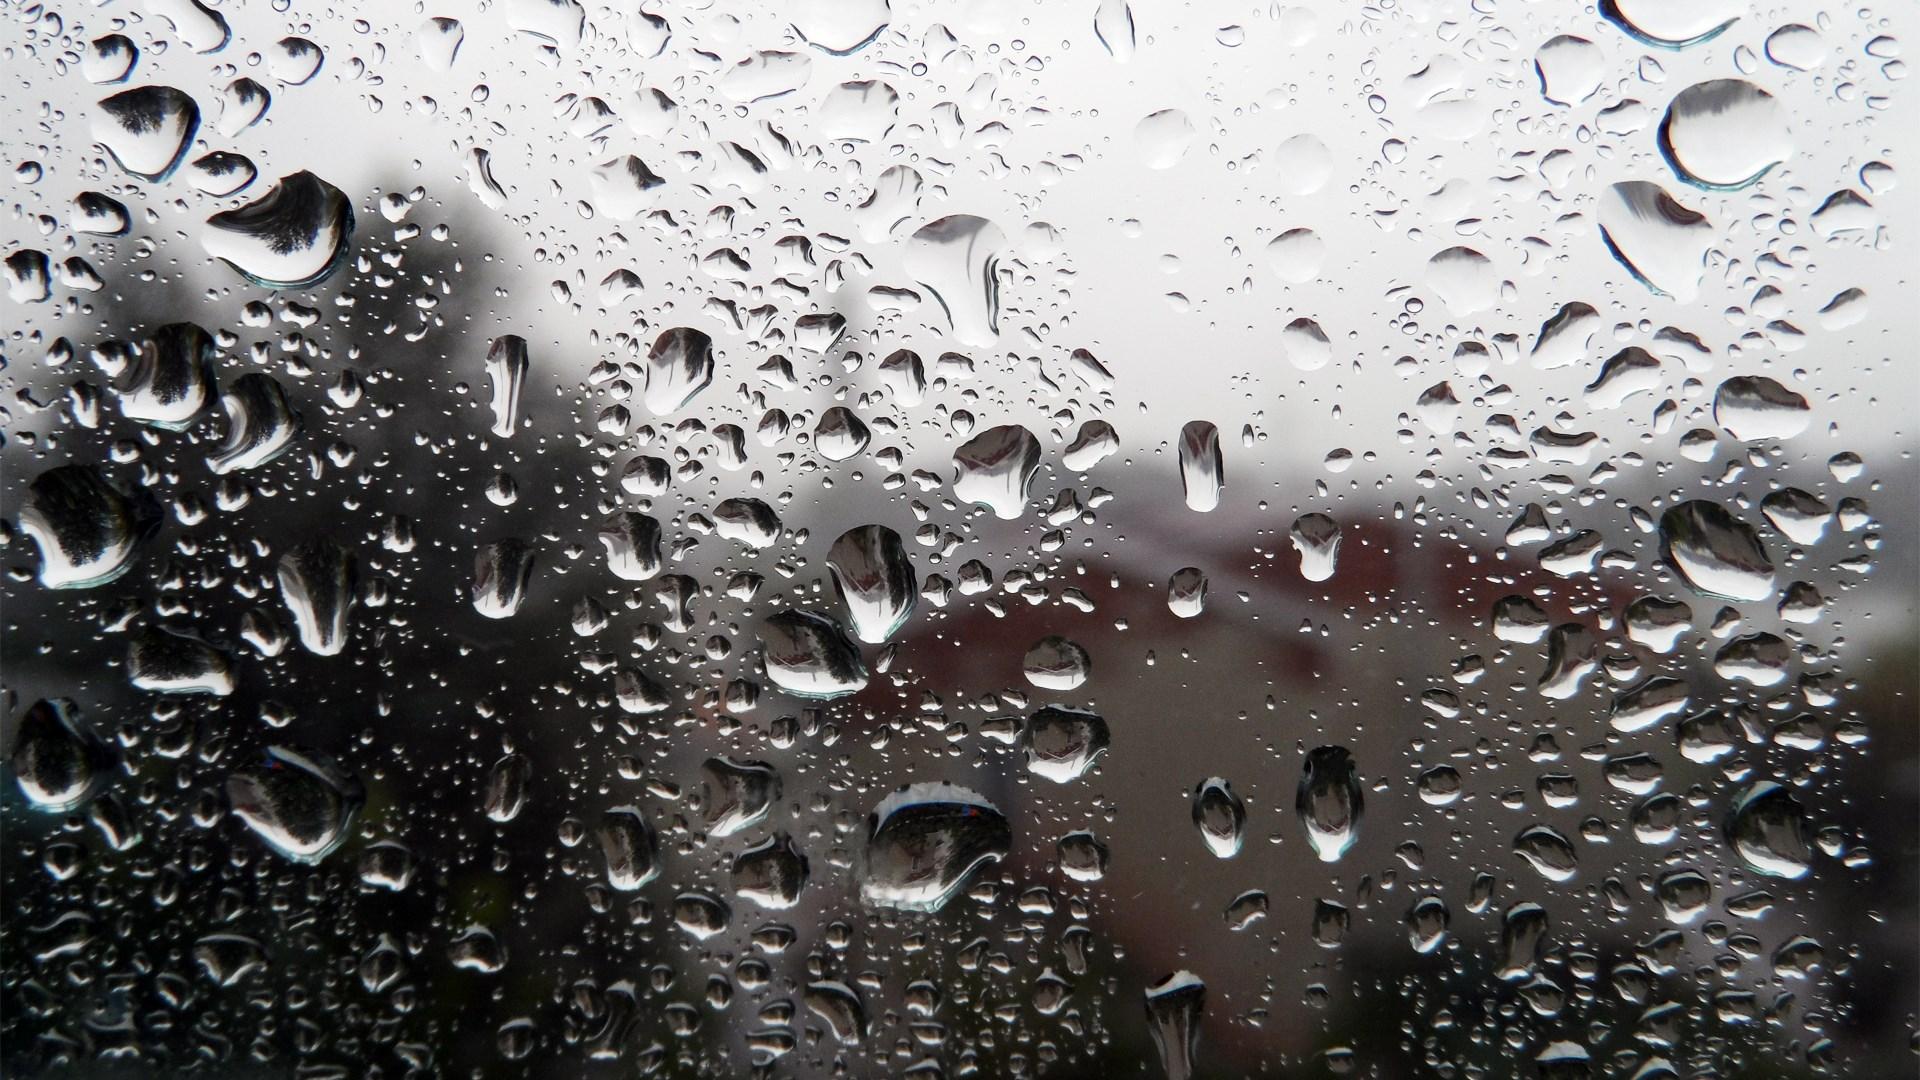 Window Drops Glass Rain Storm Wallpaper [1920x1080]